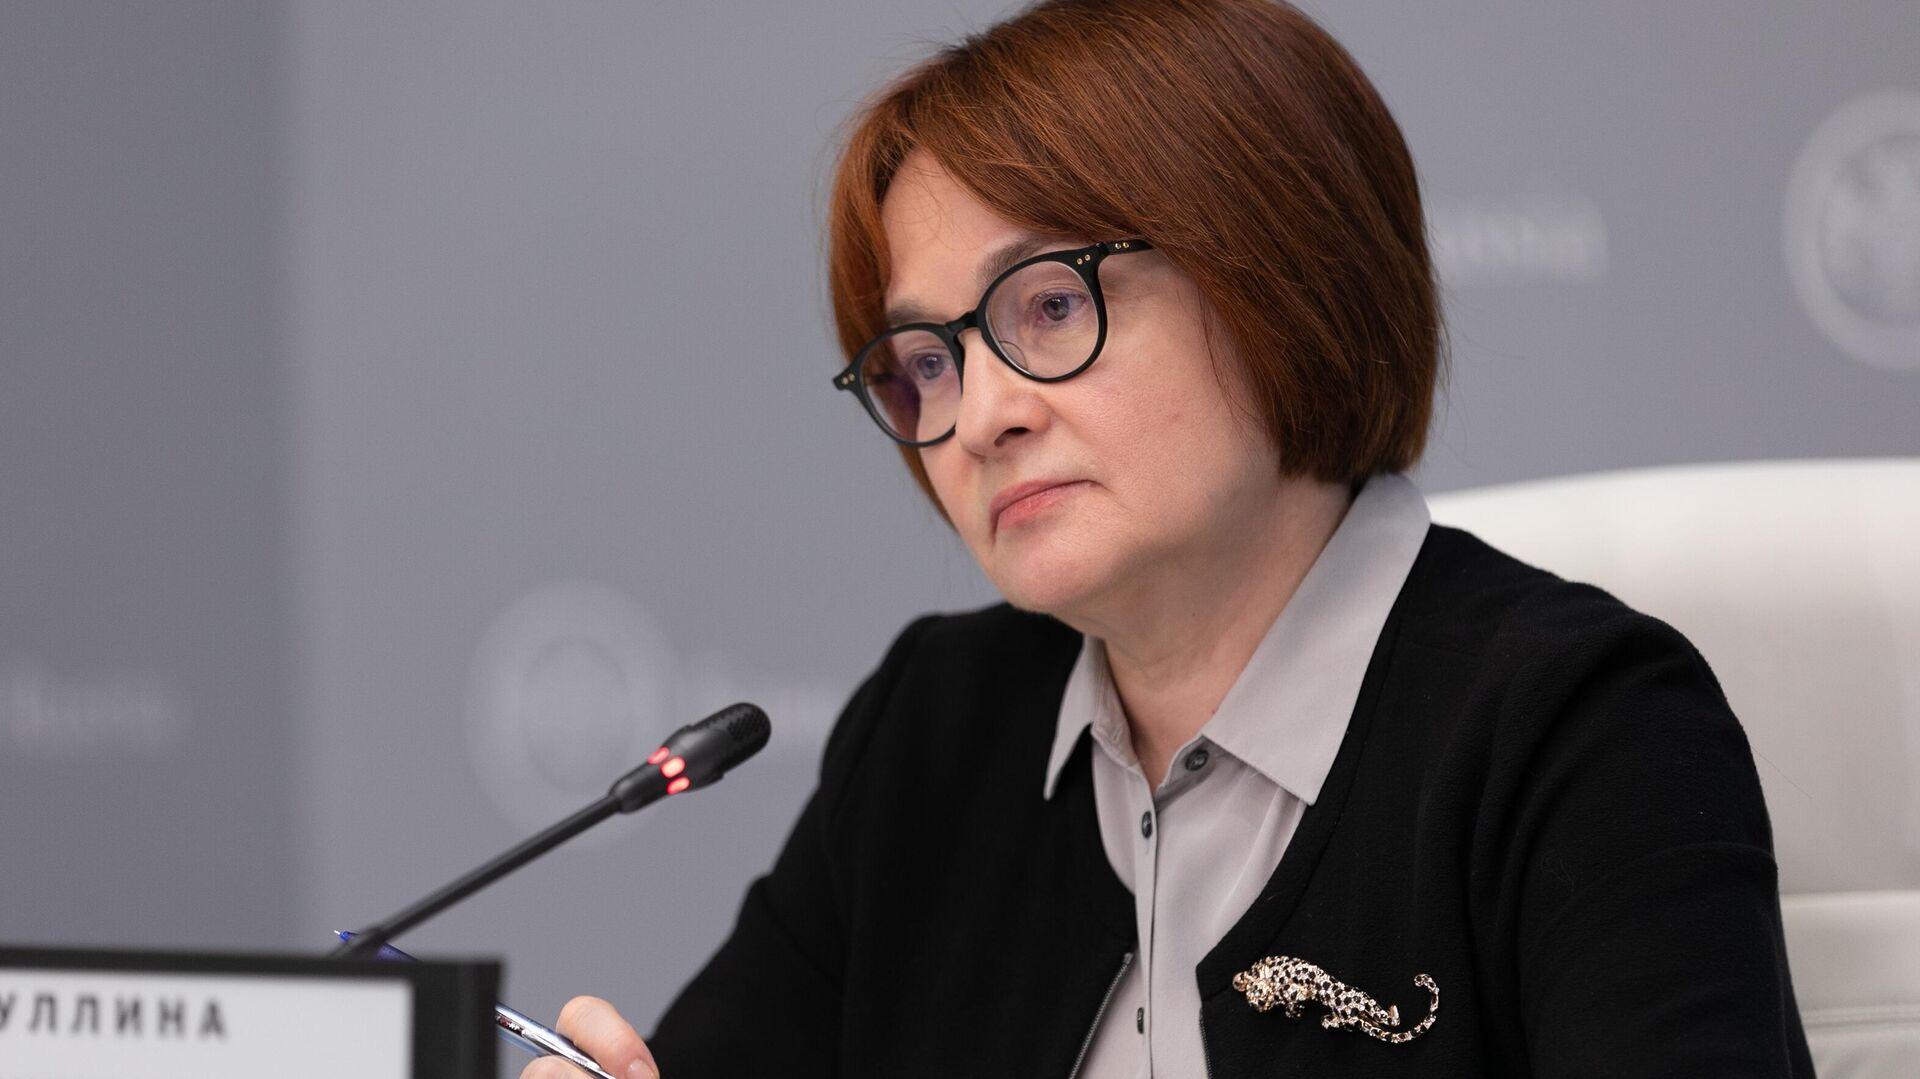 Председатель Центрального Банка РФ Эльвира Набиуллина проводит пресс-конференцию по итогам заседания совета директоров - РИА Новости, 1920, 23.07.2021